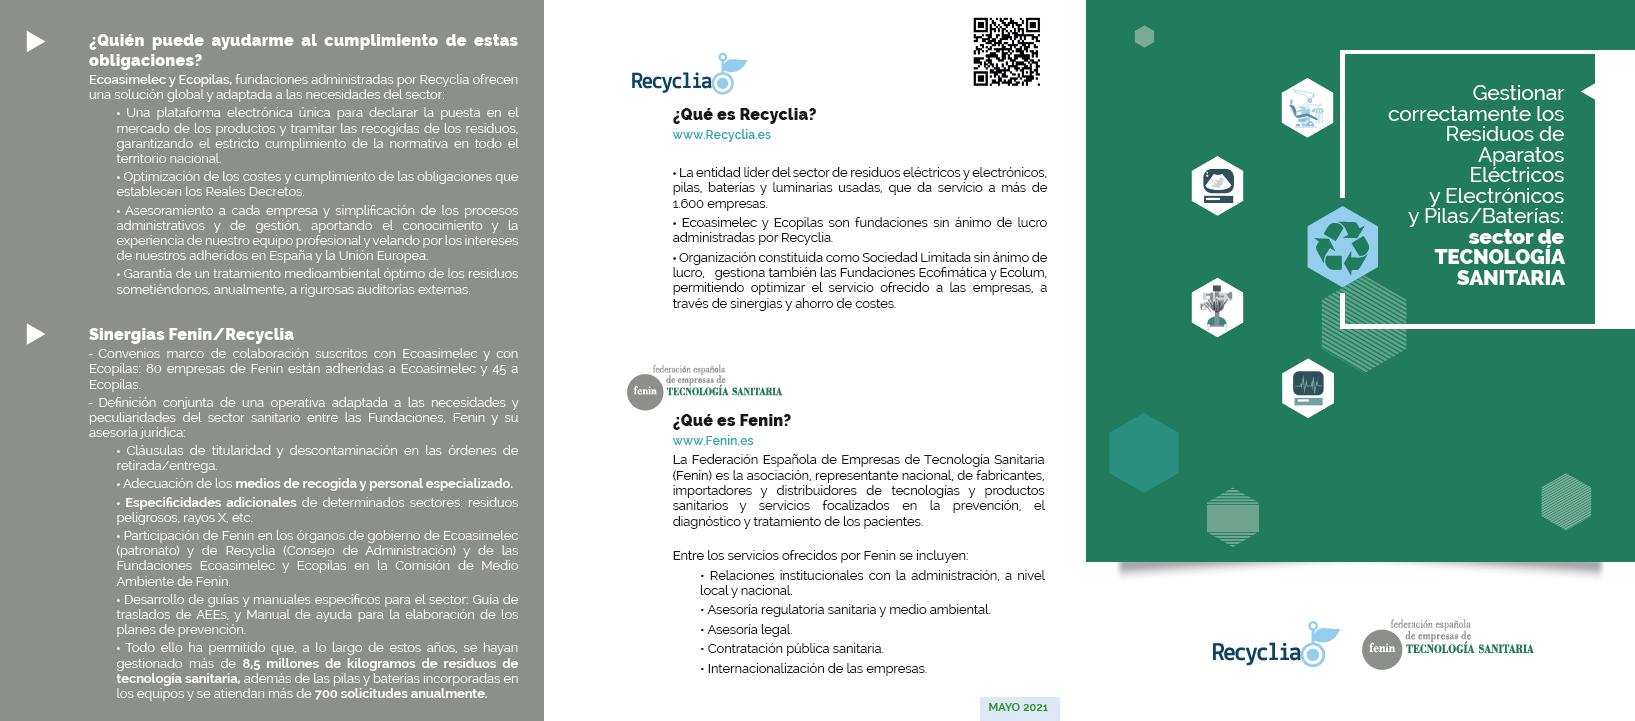 Guía de Traslado de Aparatos Eléctricos y Electrónicos usados en las empresas de Tecnología Sanitaria'